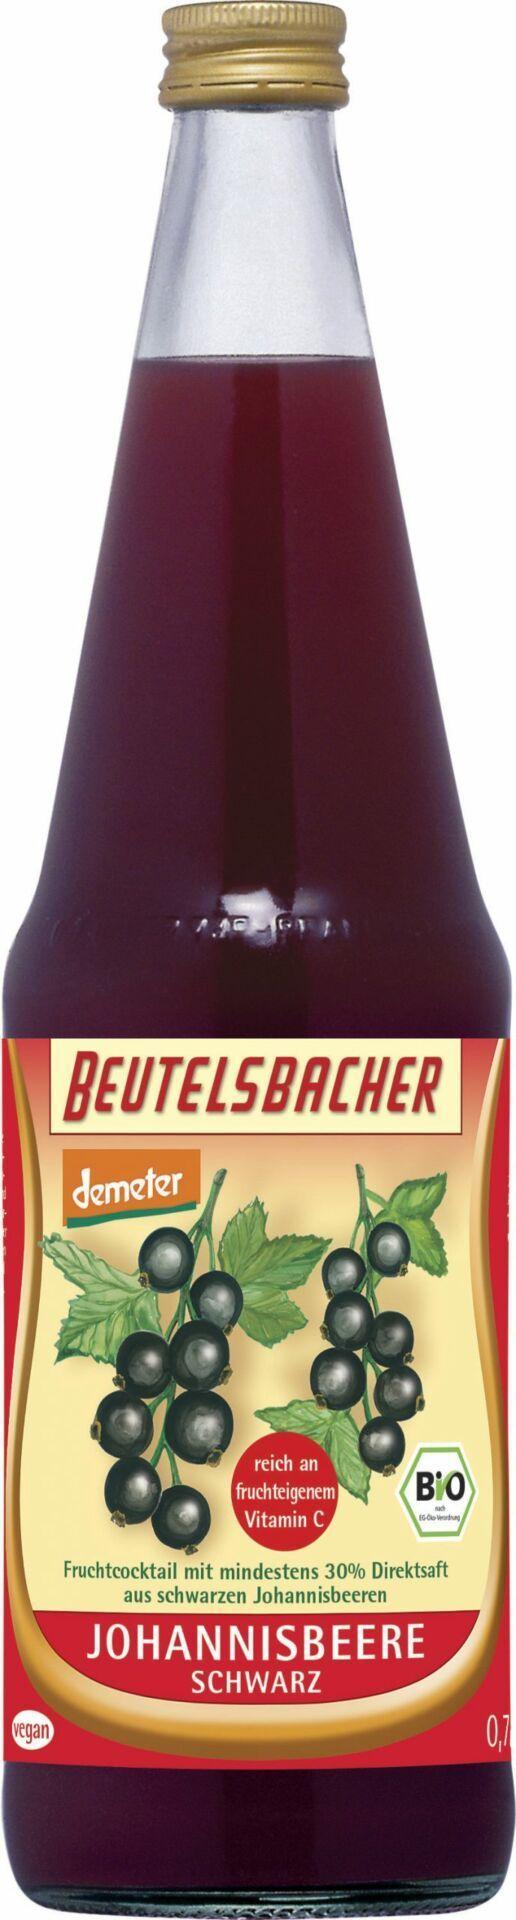 BEUTELSBACHER Demeter Johannisbeere schwarz 6x0,7l